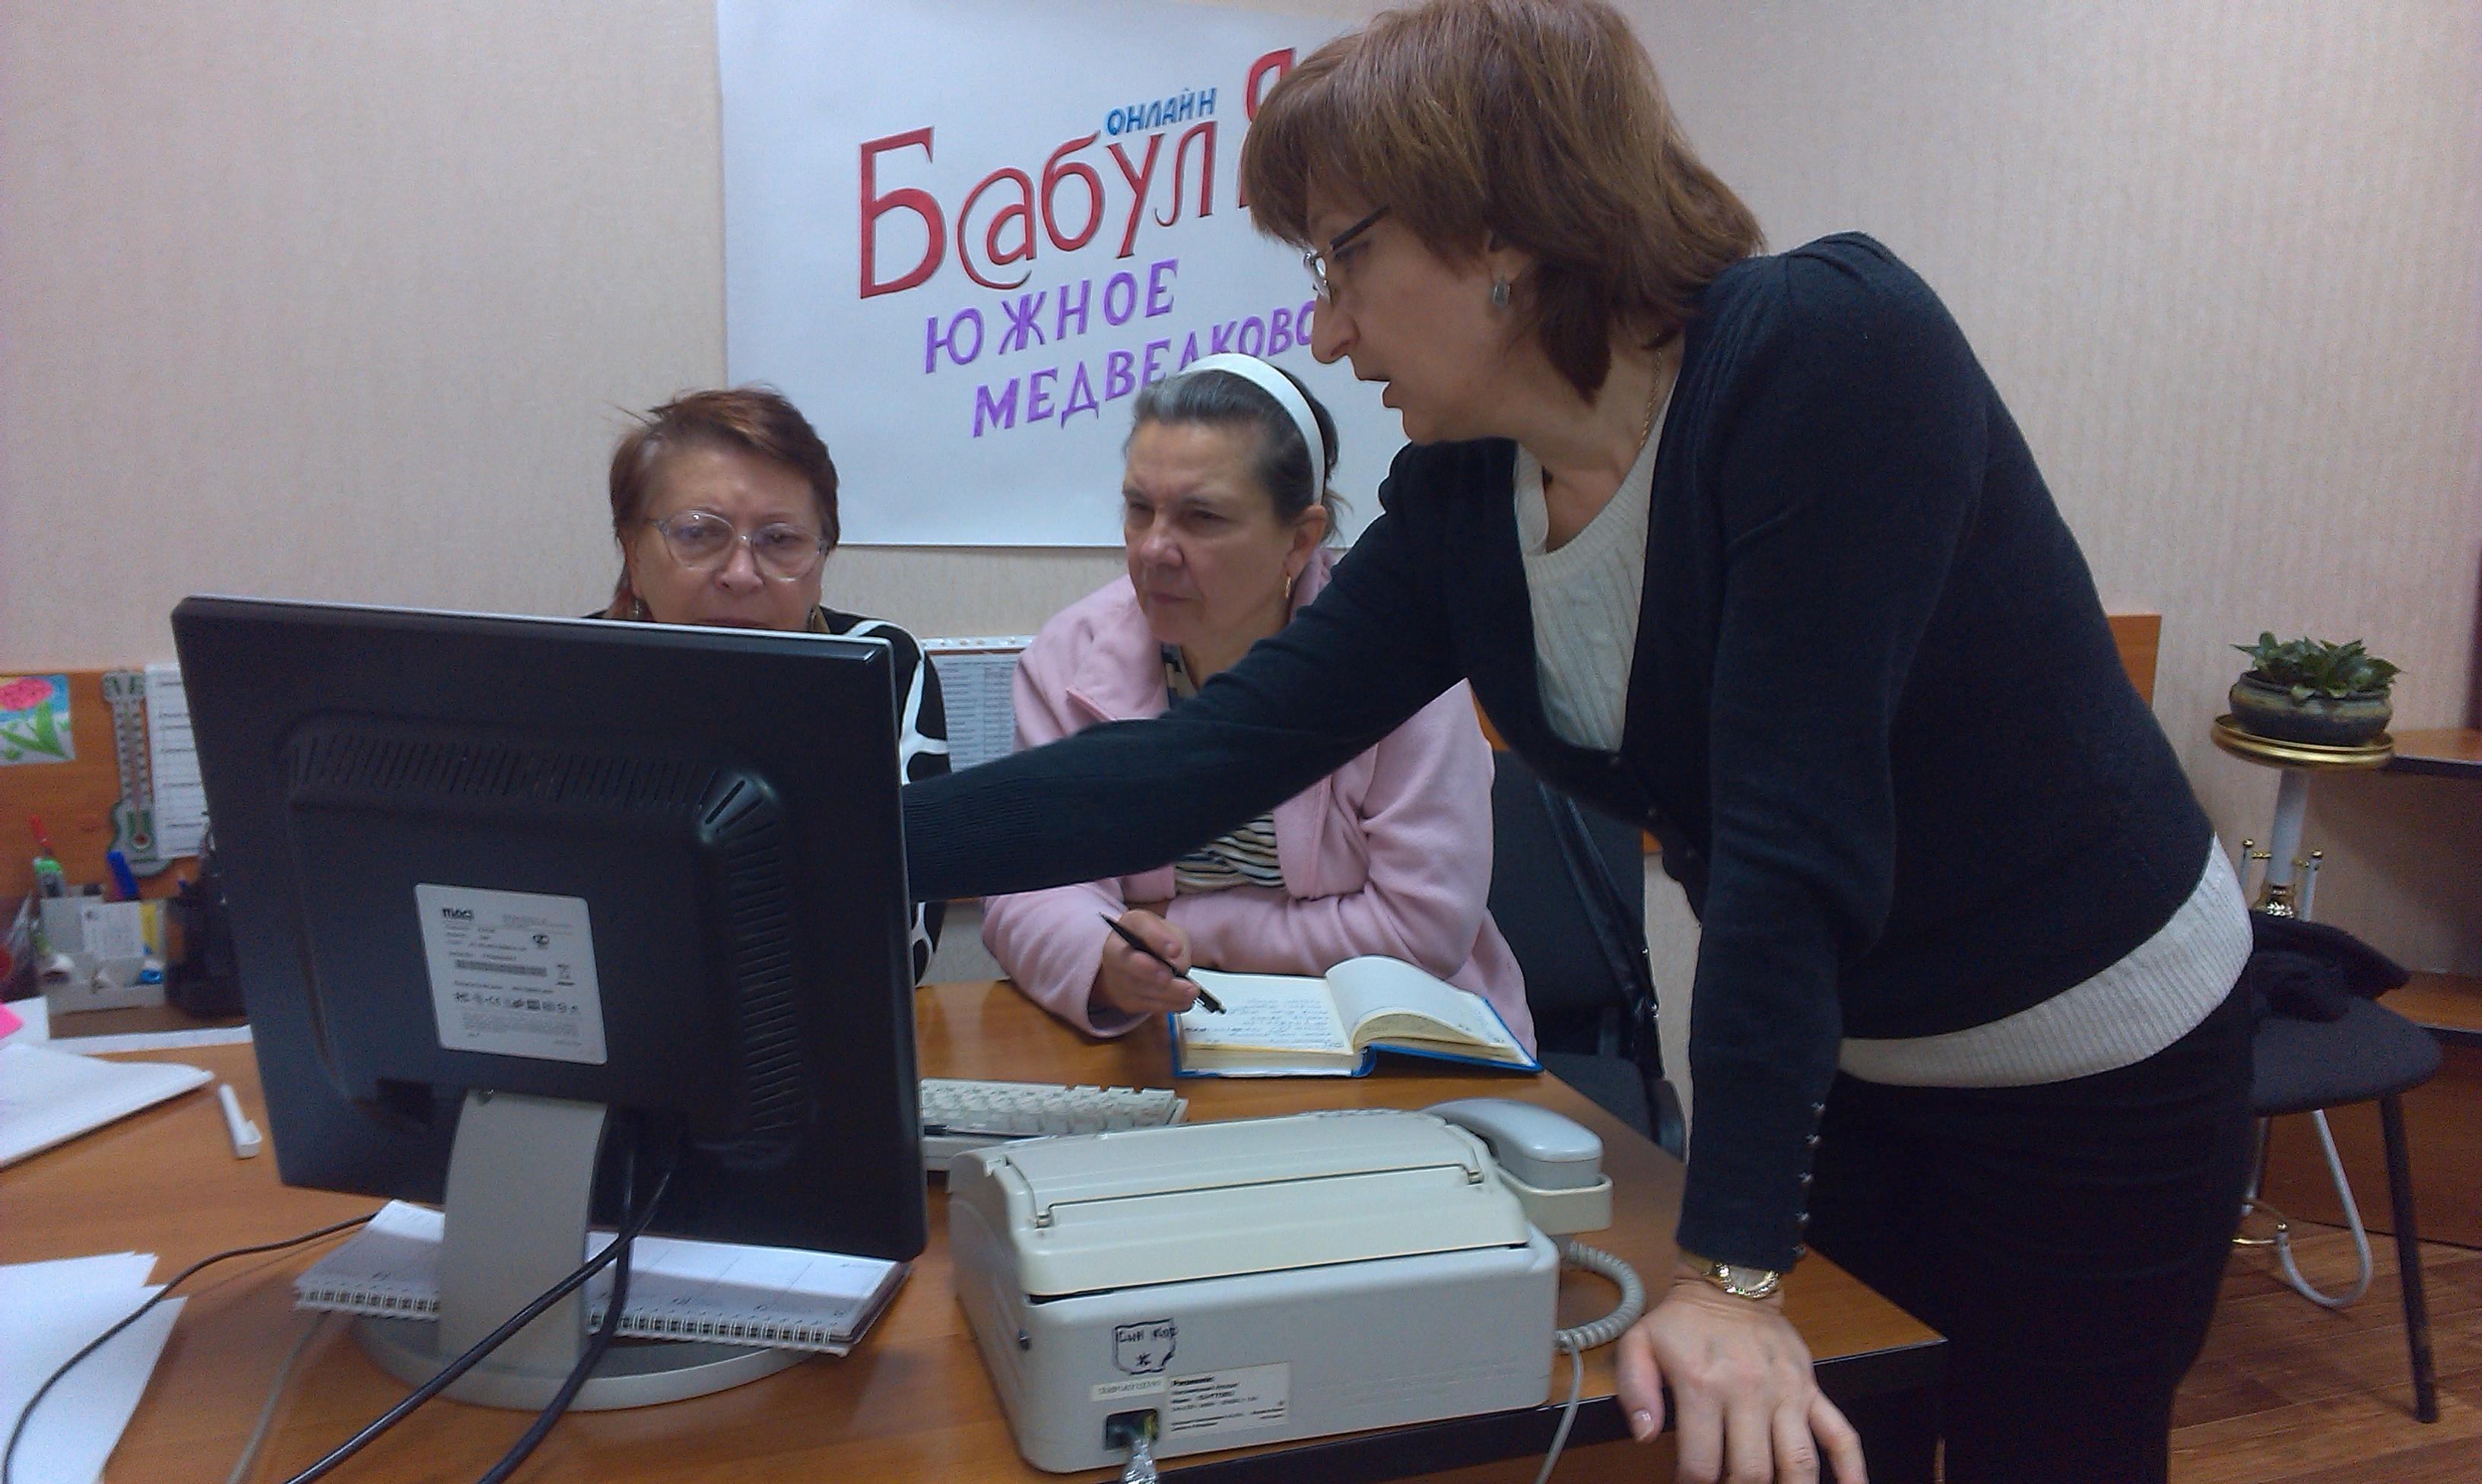 Obuchenie-kompyuternoy-gramotonosti-zhiteley-starshego-pokoleniya-rayona-YUzhnoe-Medvedkovo-5